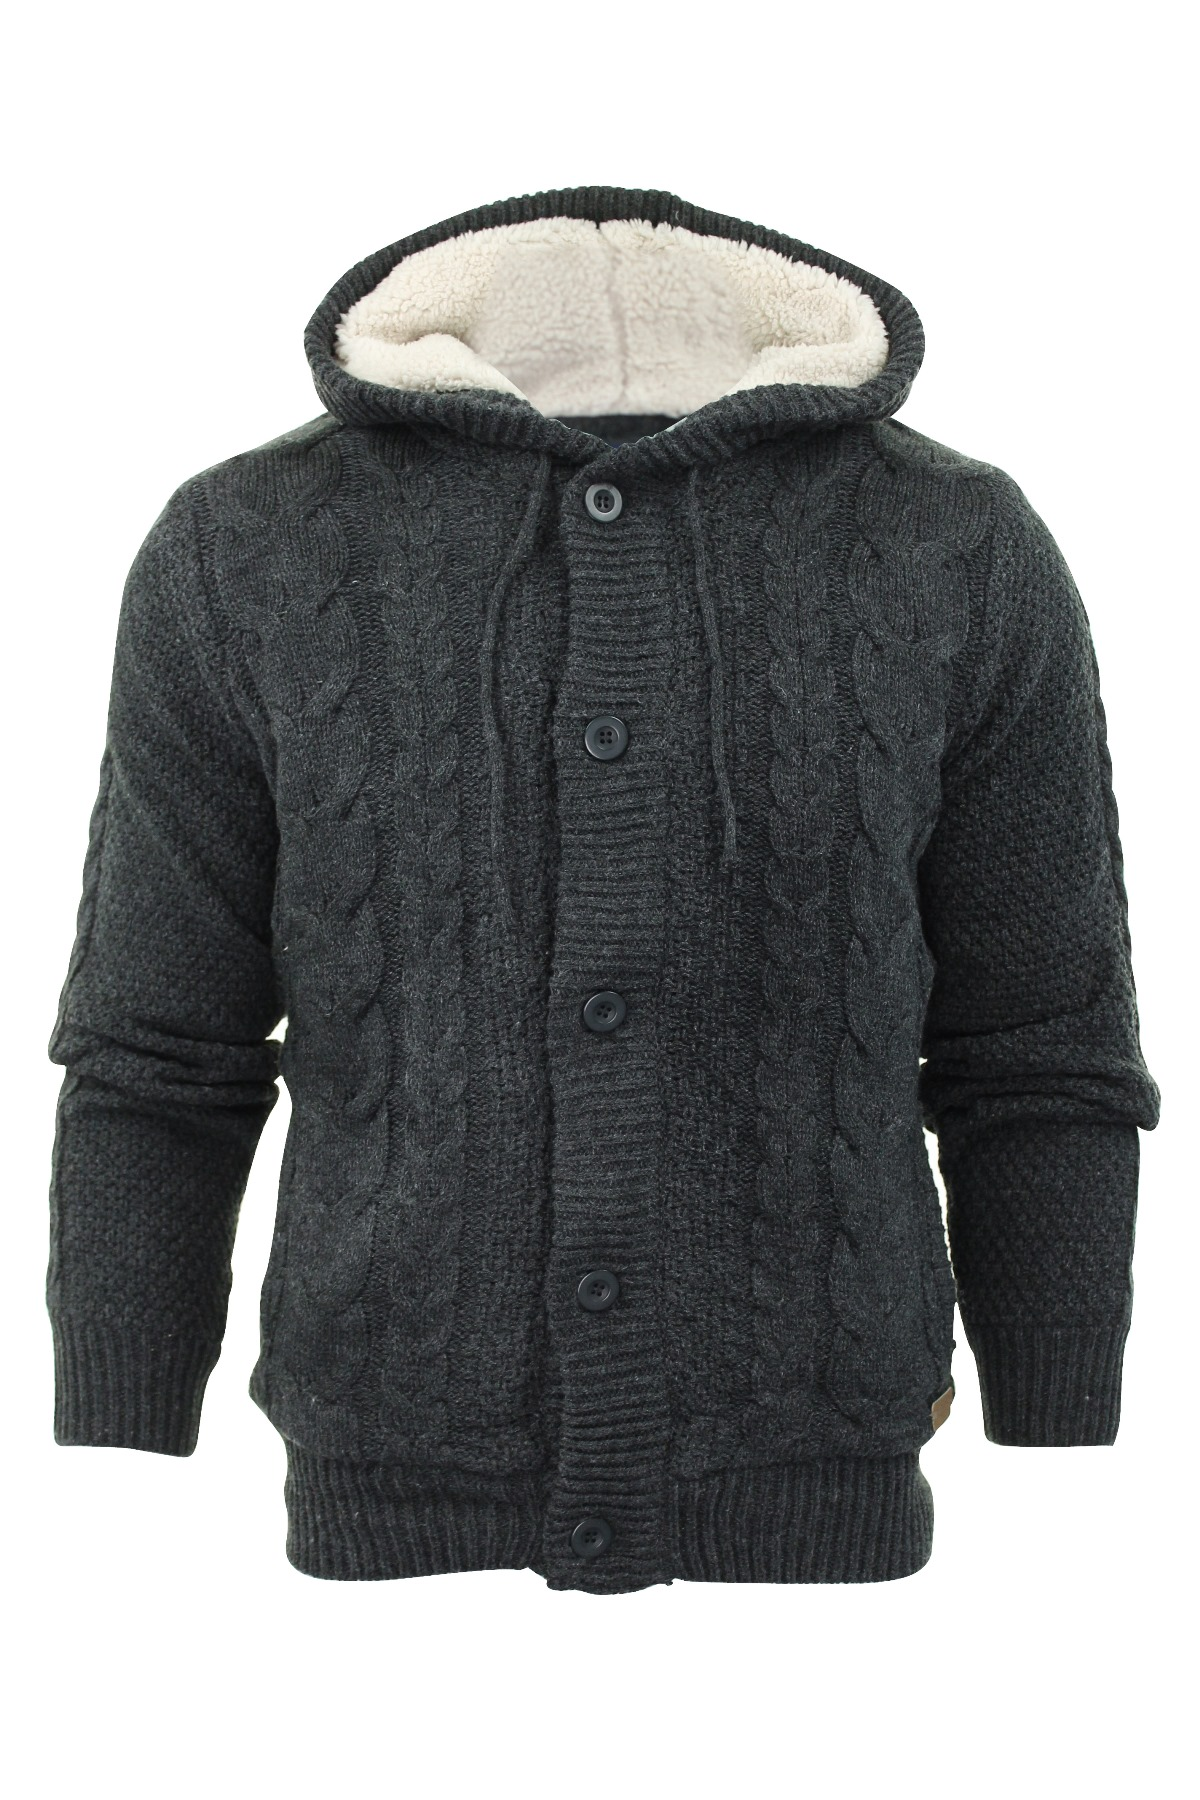 Mens cardigan hoodie